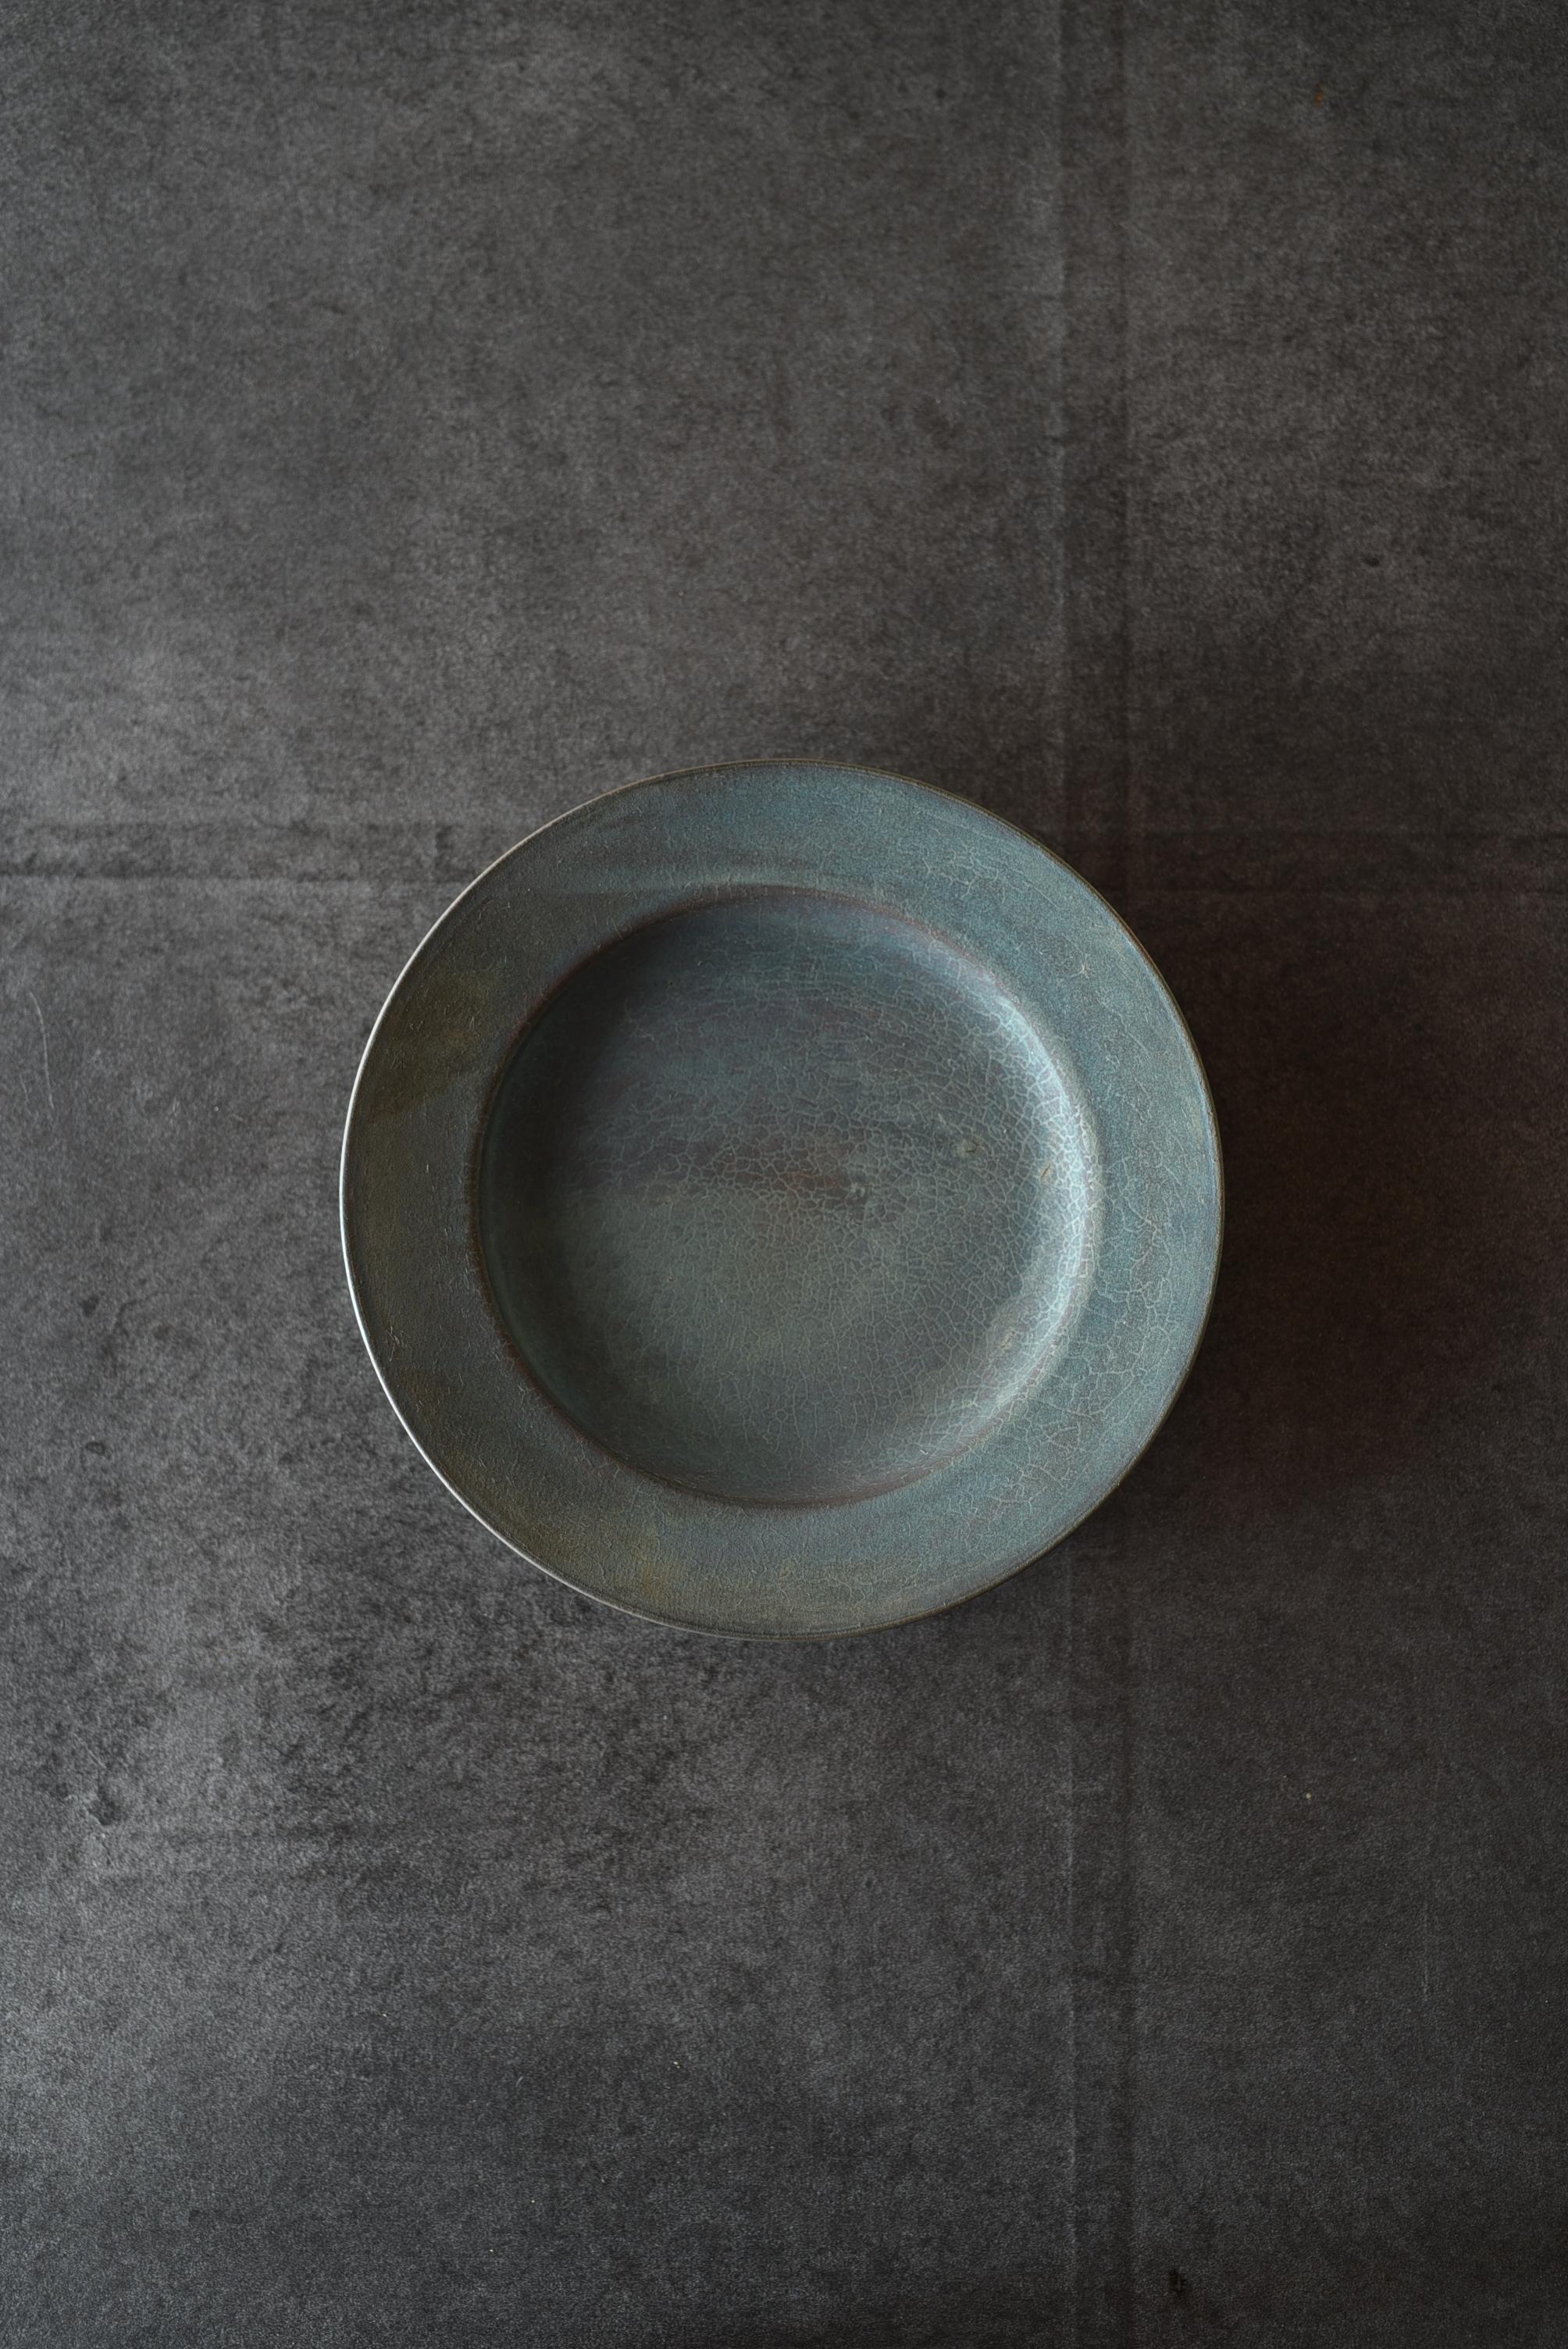 瀬川辰馬|硫化銀彩リムプレート小-s8